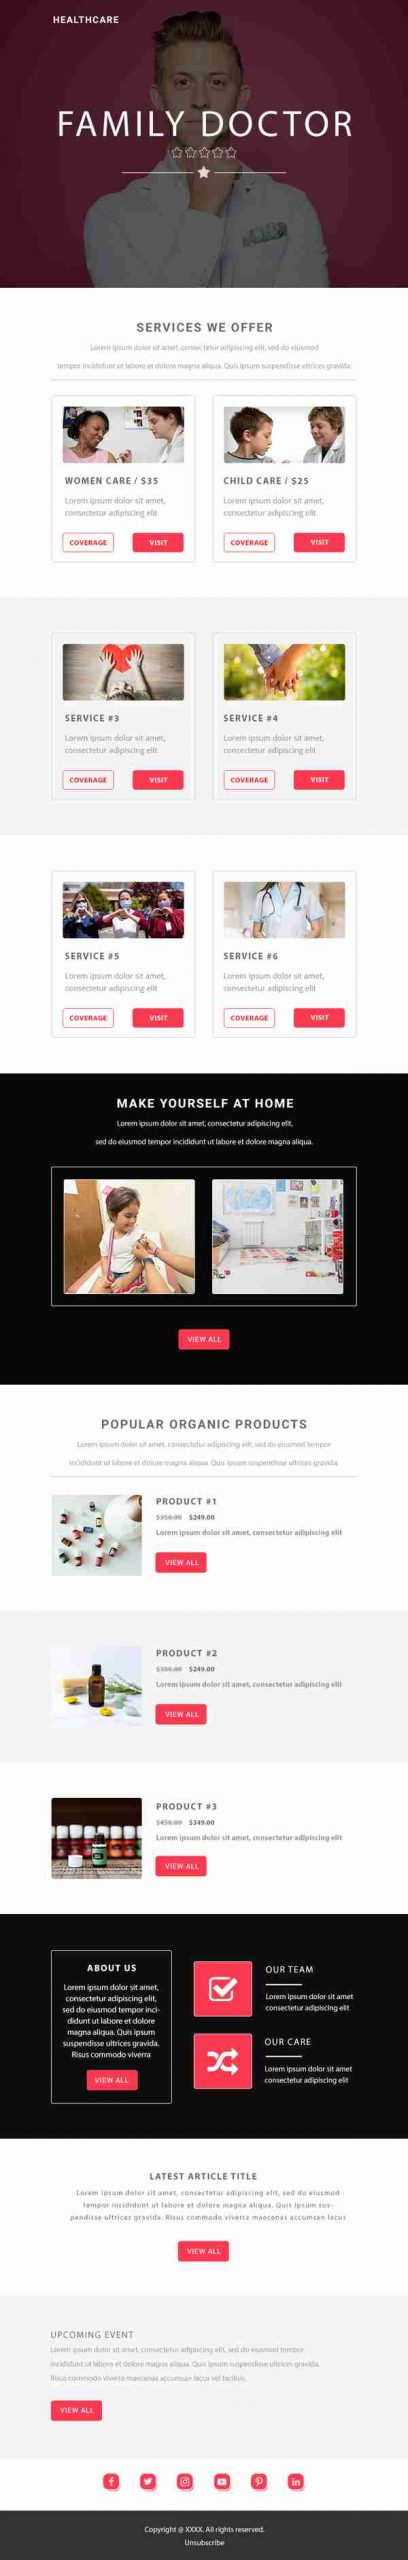 Email Marketing Design for Doctor & Clinic Industry - SKU: EM0701 - 247101